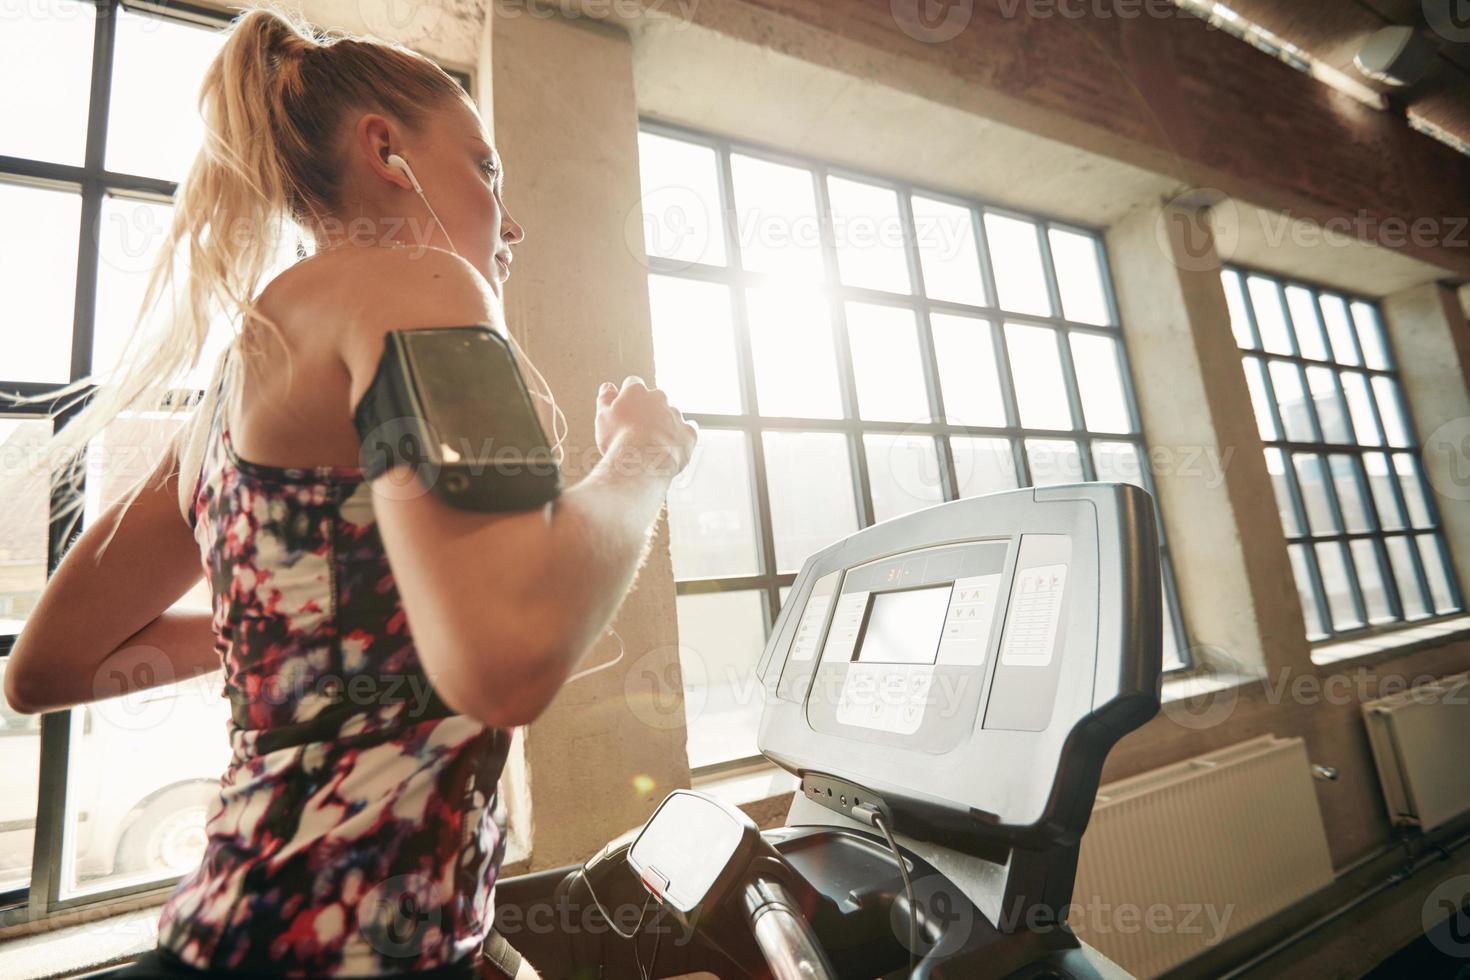 vrouw uit te werken op een loopband in de sportschool foto